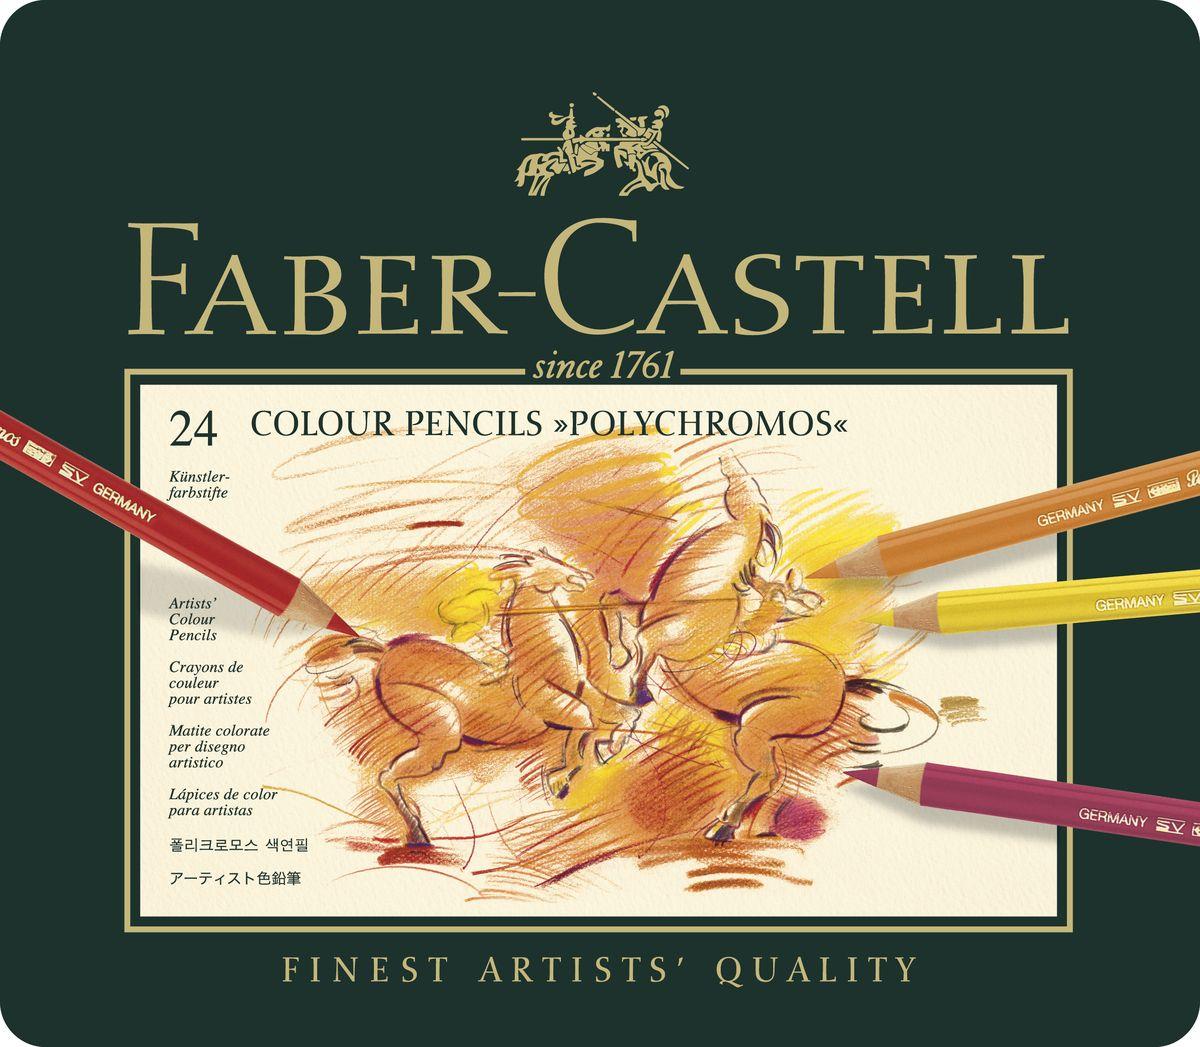 Faber-Castell Цветные карандаши Polychromos 24 цвета110024Цветные карандаши Faber-Castell Polychromos станут незаменимым инструментом для начинающих и профессиональных художников. В набор входят 24 карандаша разных цветов. Особенности карандашей: высокое содержание очень качественных пигментов гарантирует устойчивость к воздействию света и интенсивность; грифель толщиной 3,8 мм; гладкий грифель на основе воска водоустойчив, не размазывается. Набор цветных карандашей - это практичный художественный инструмент, который поможет вам в создании самых выразительных произведений. Карандаши упакованы в металлический пенал, благодаря чему их удобно хранить.